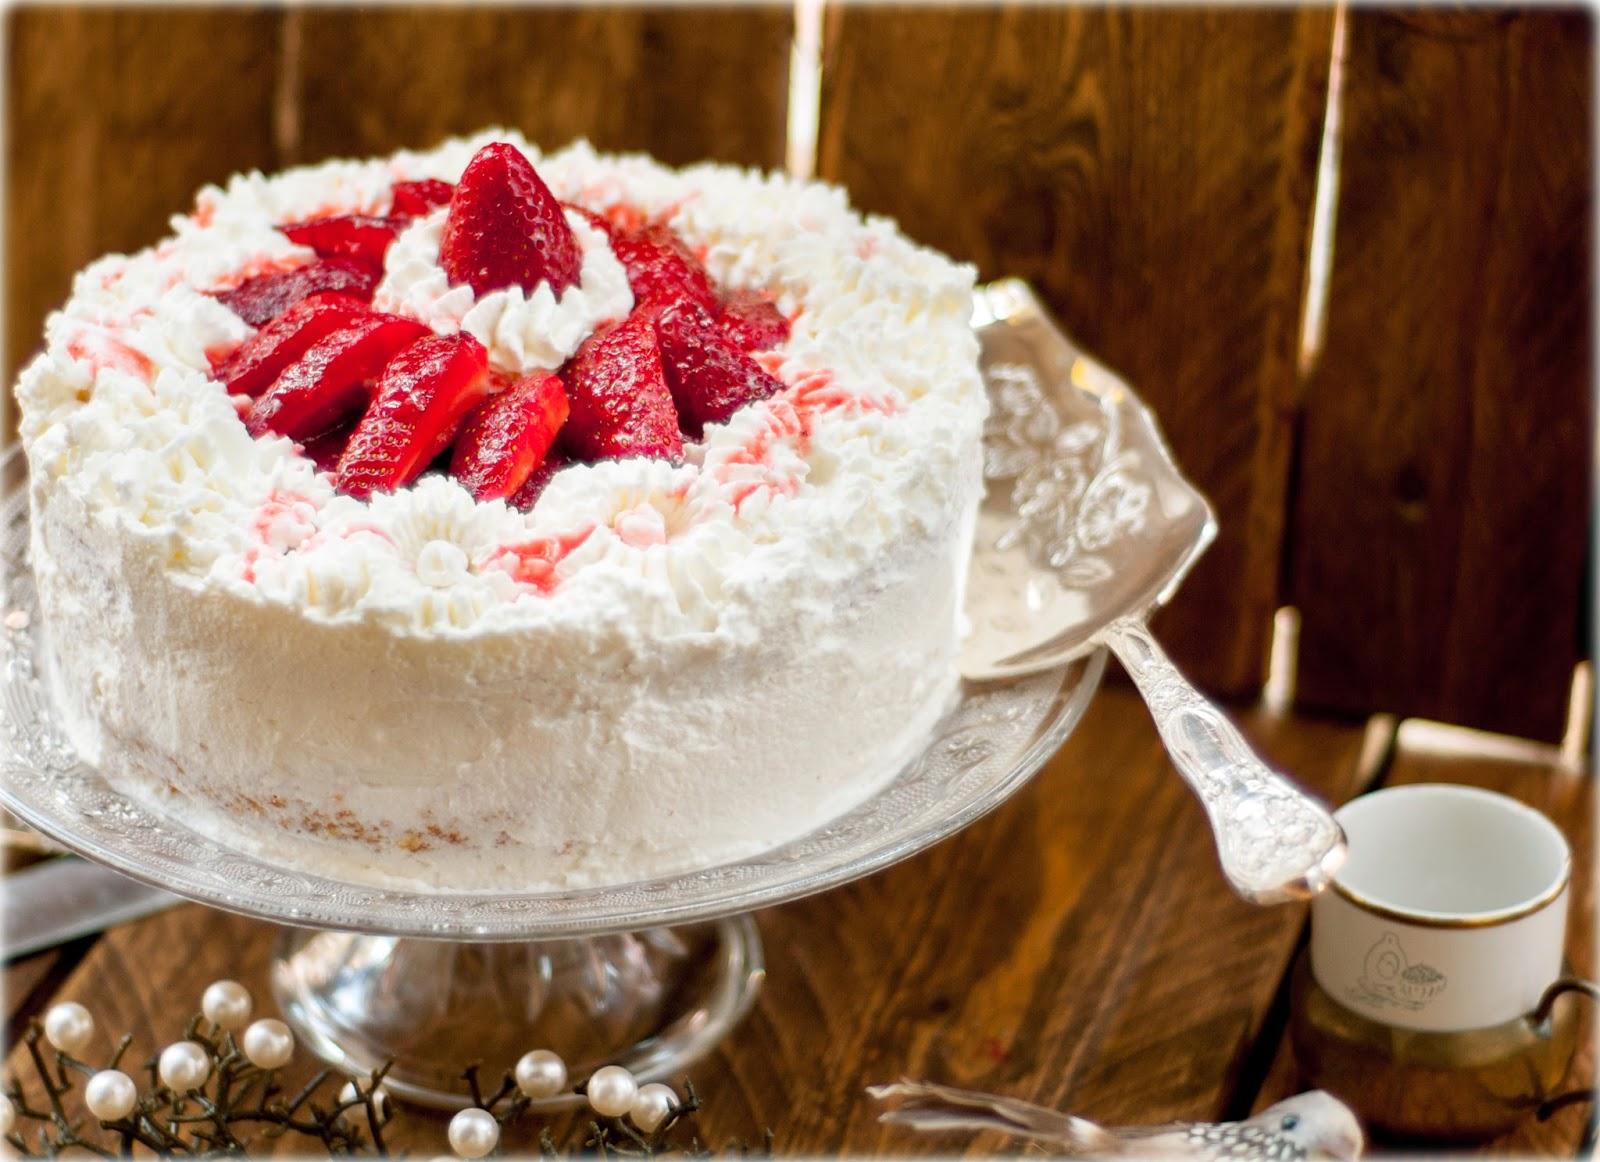 Érase una vez.... Tarta de fresas y nata.